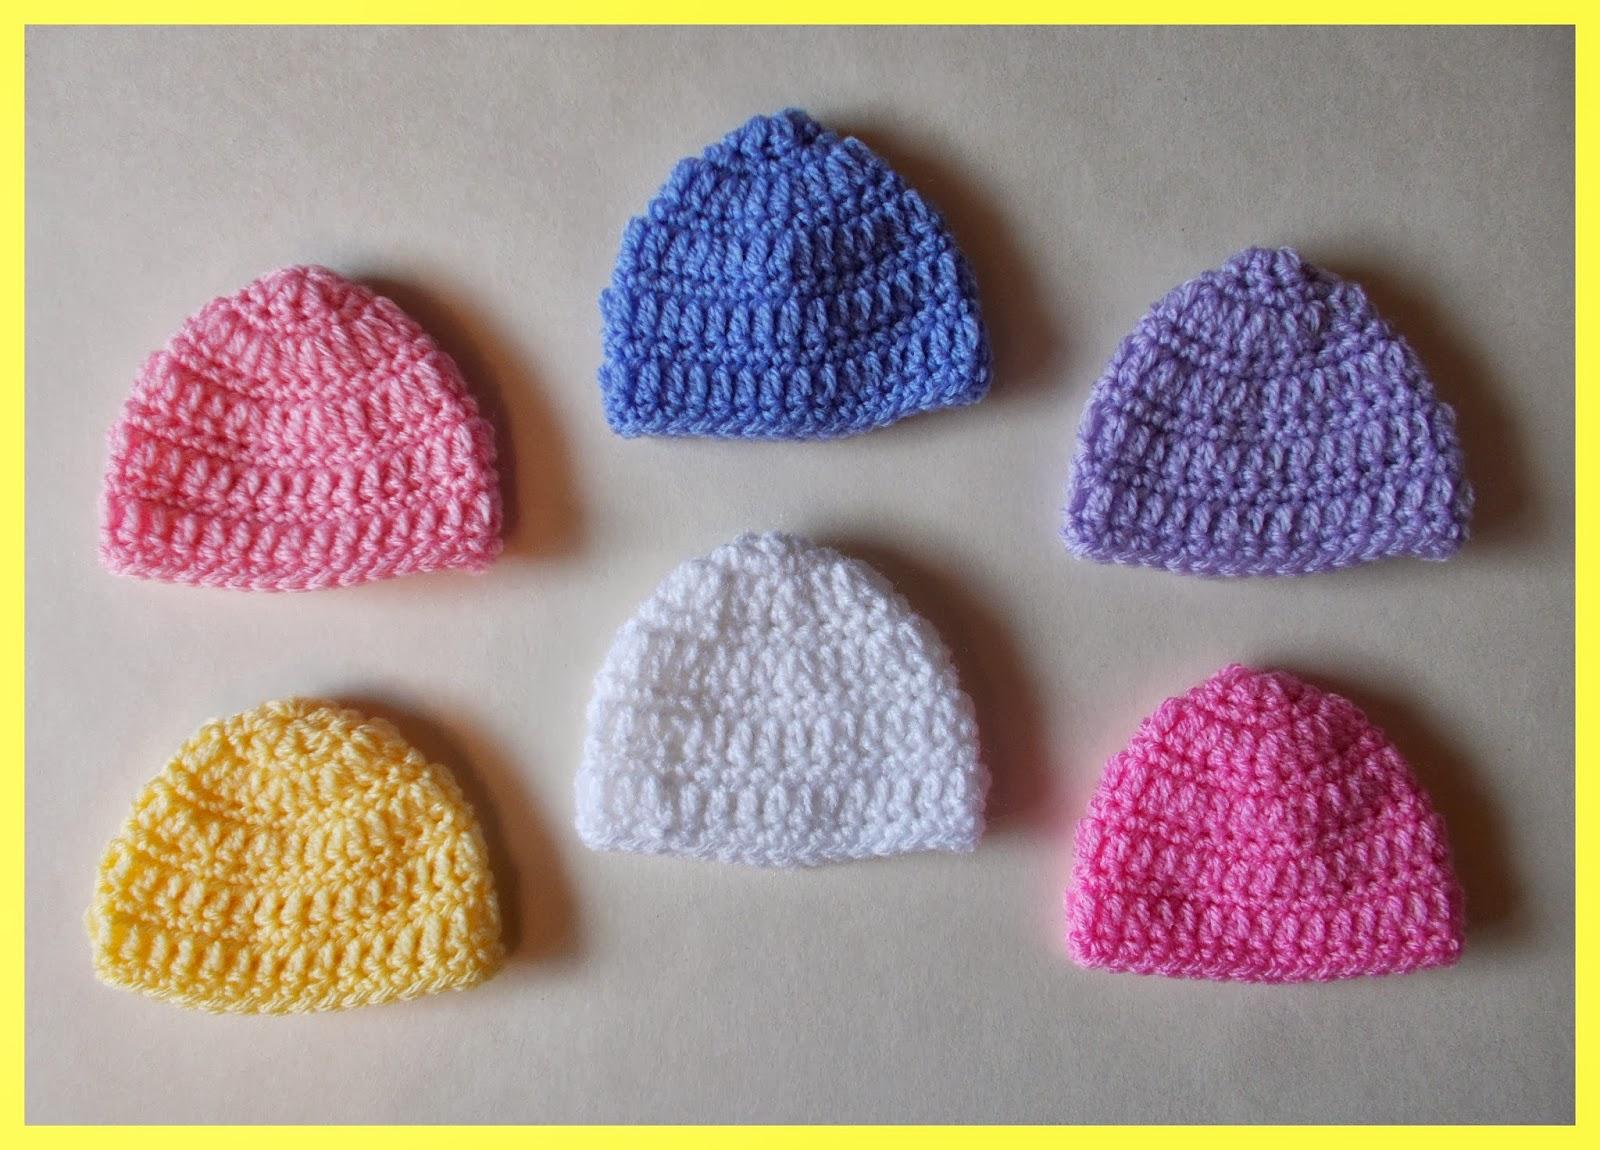 Marianna s Lazy Daisy Days  Premature Baby Beanie Hats Donation 239ca6ae1e9